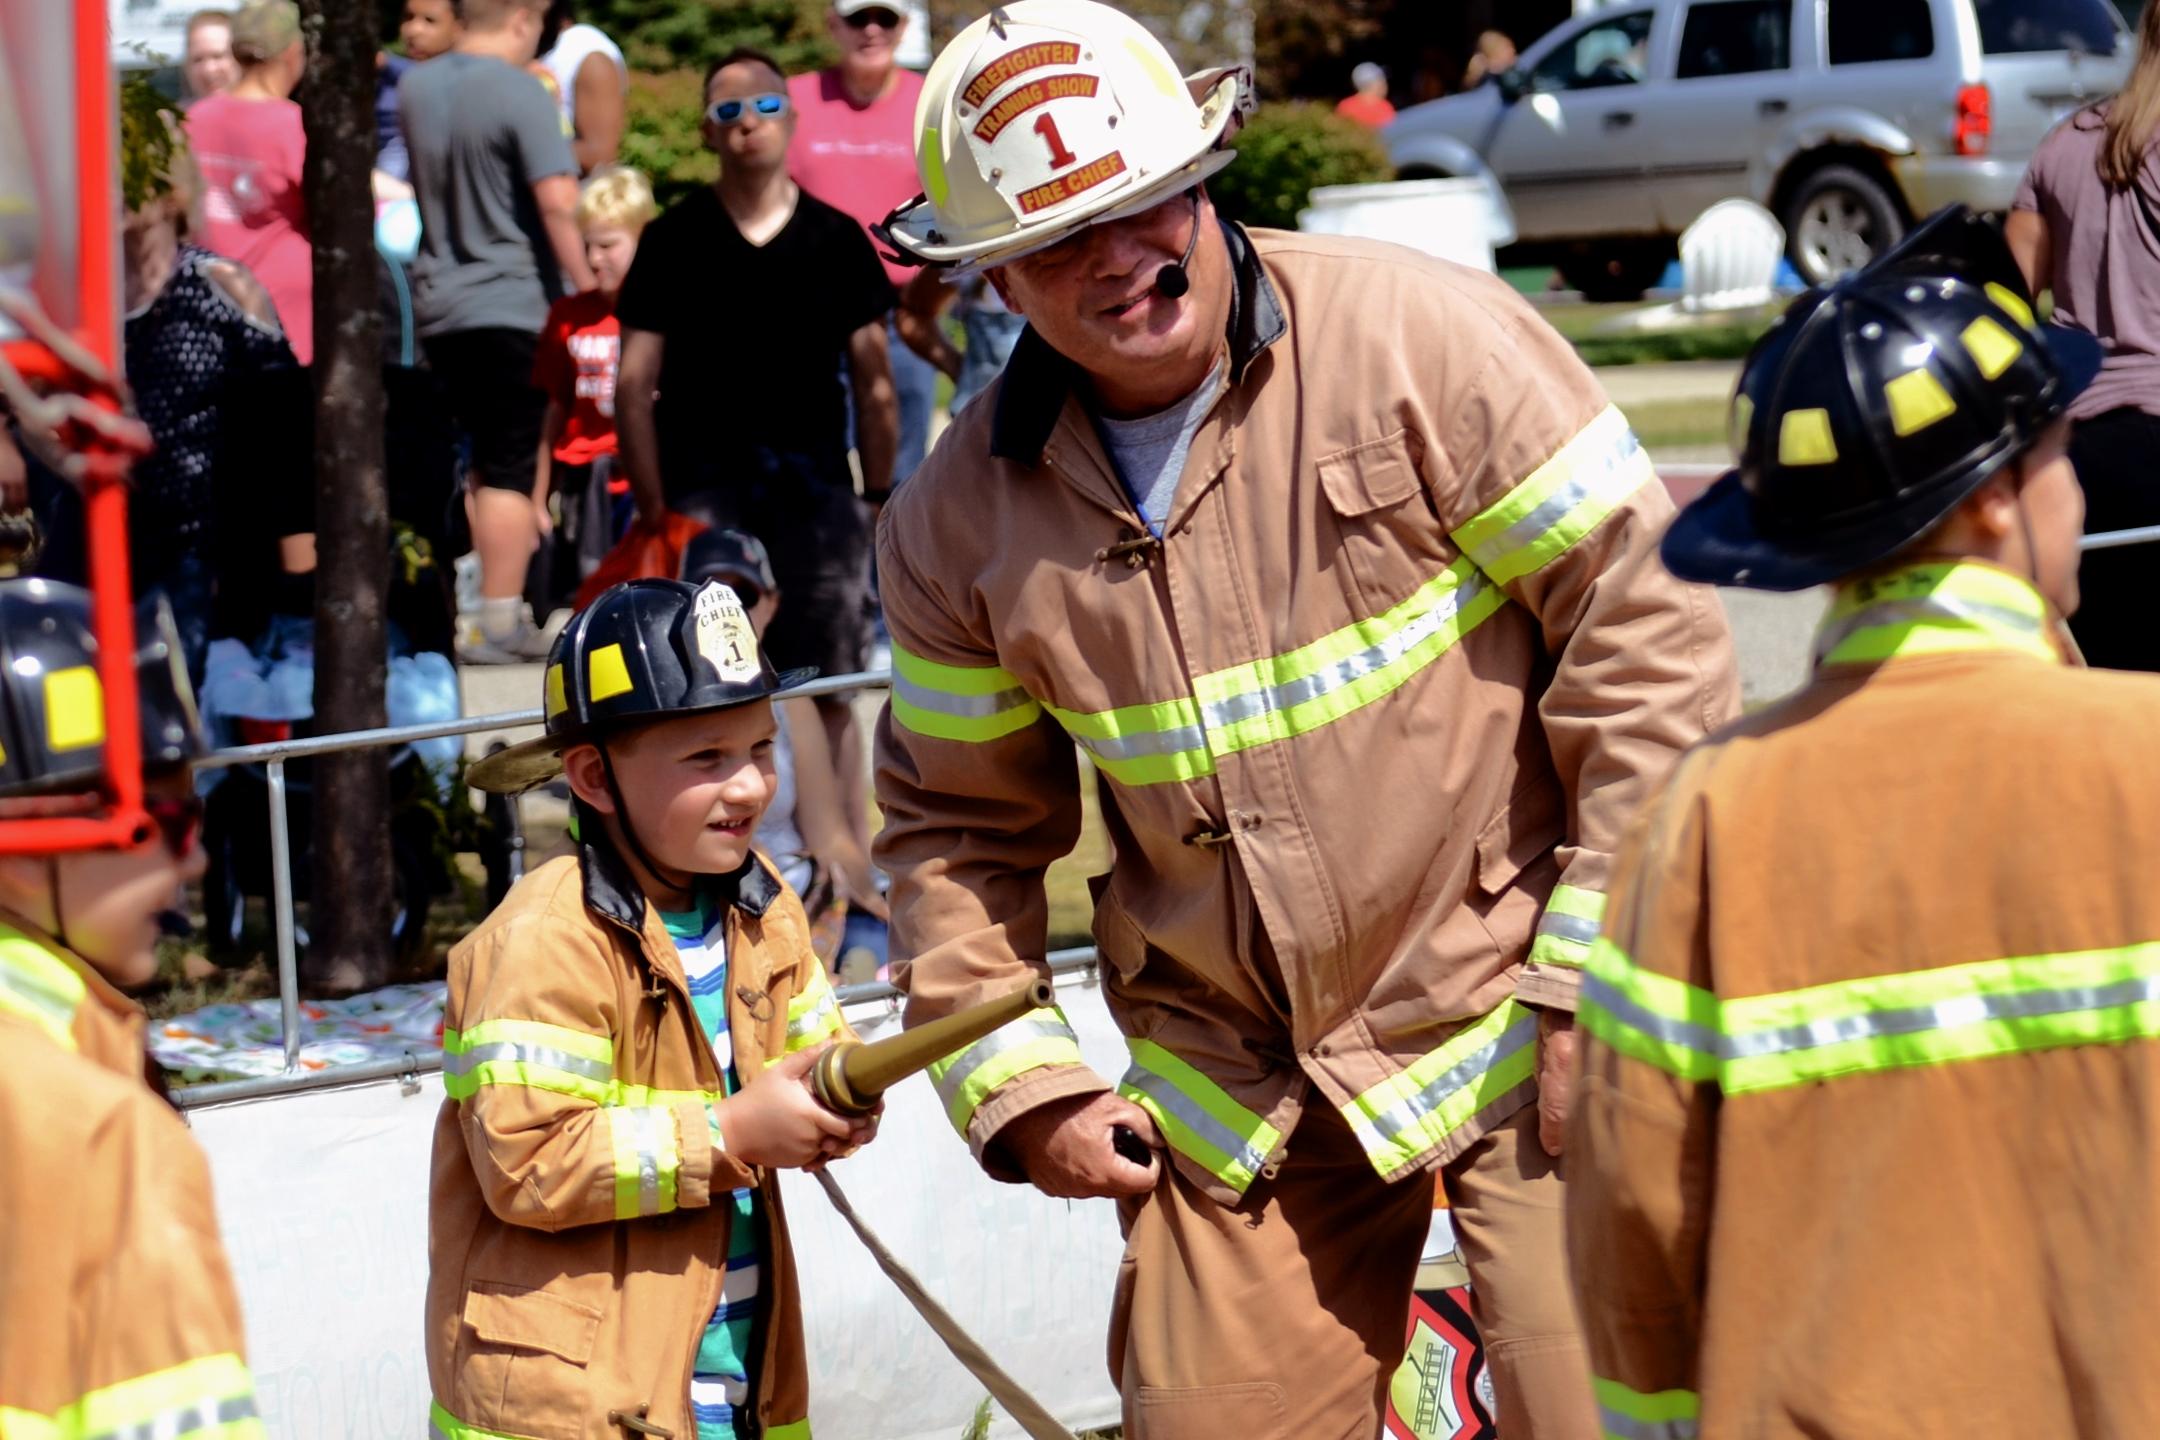 Firefighter Show Photos